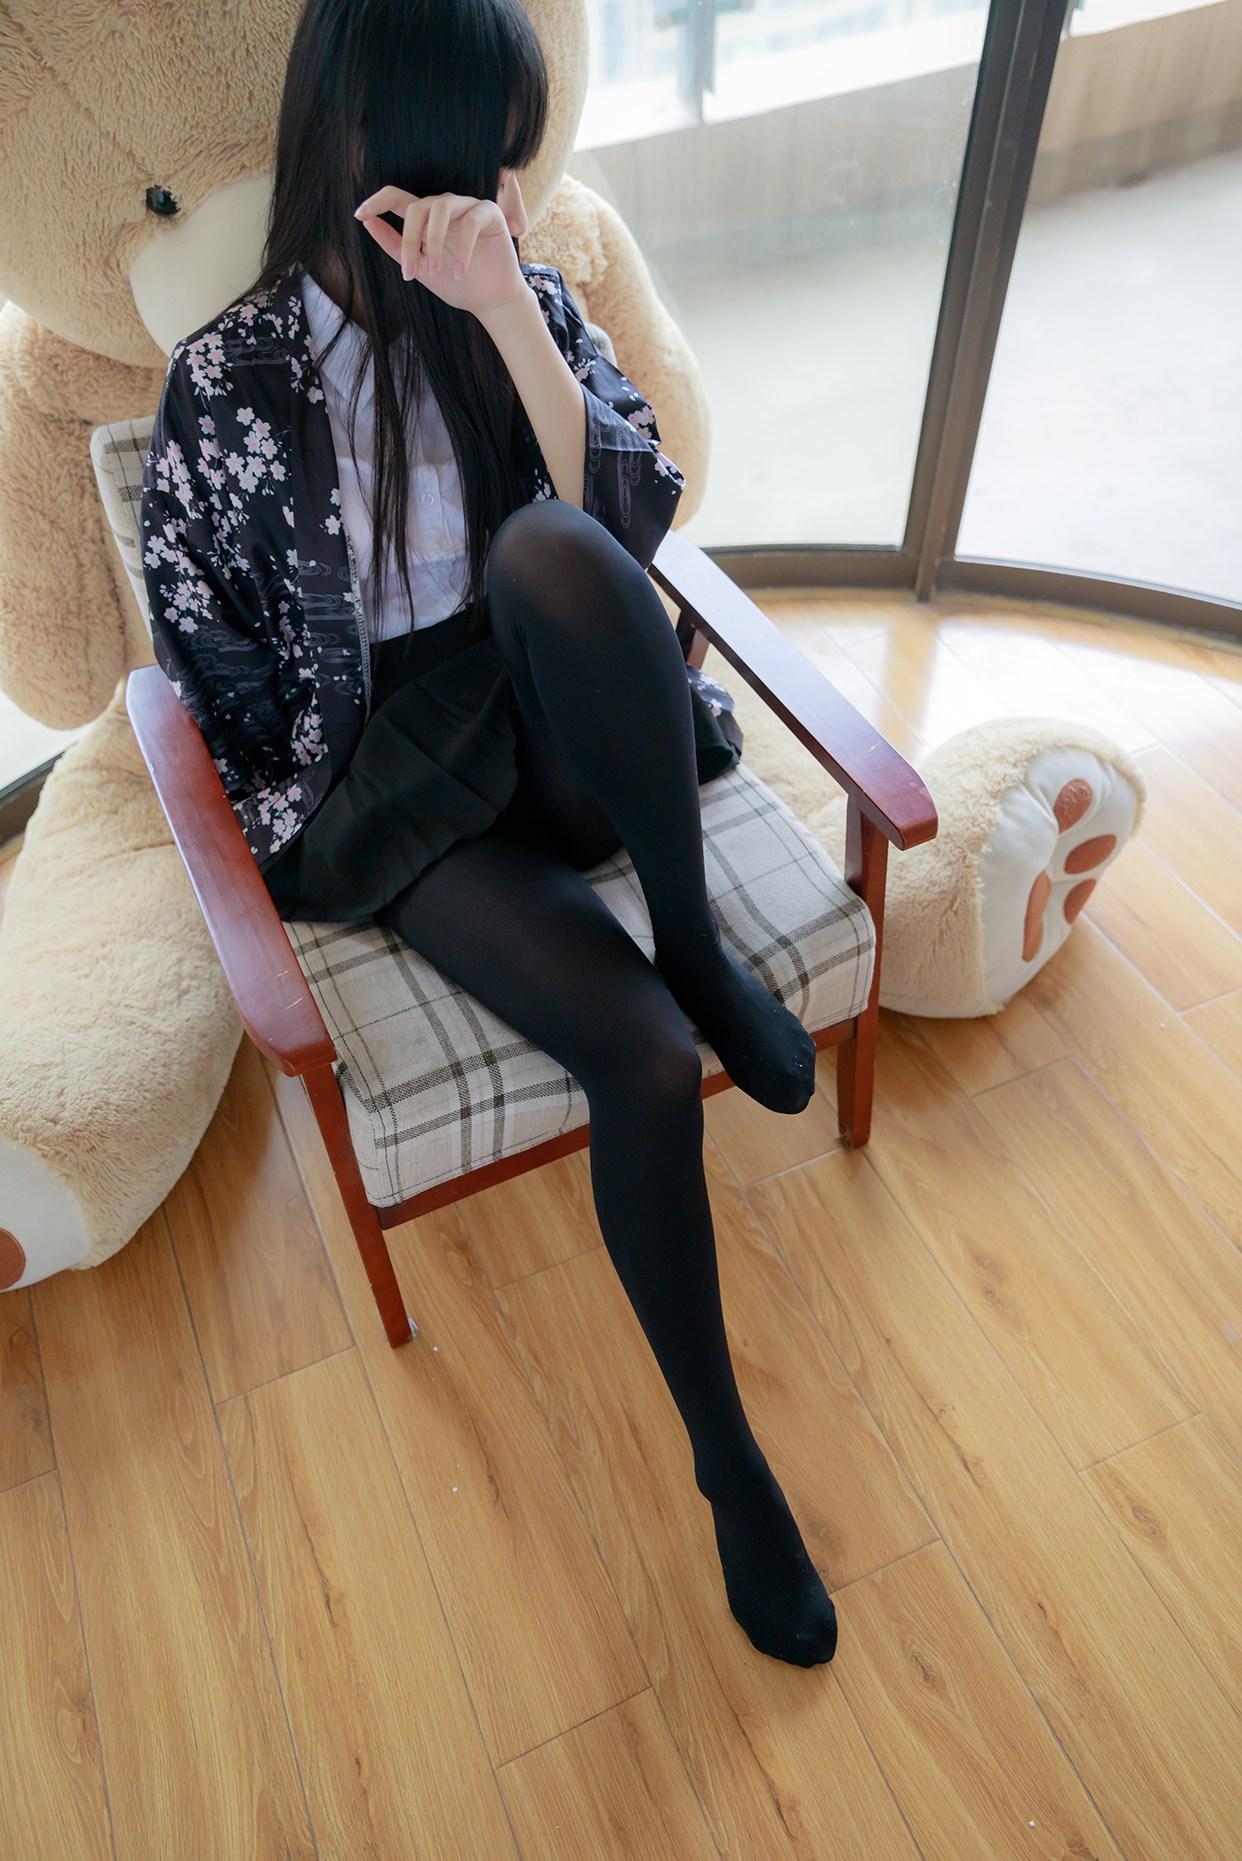 【兔玩映画】椅上的黑丝少女 兔玩映画 第28张